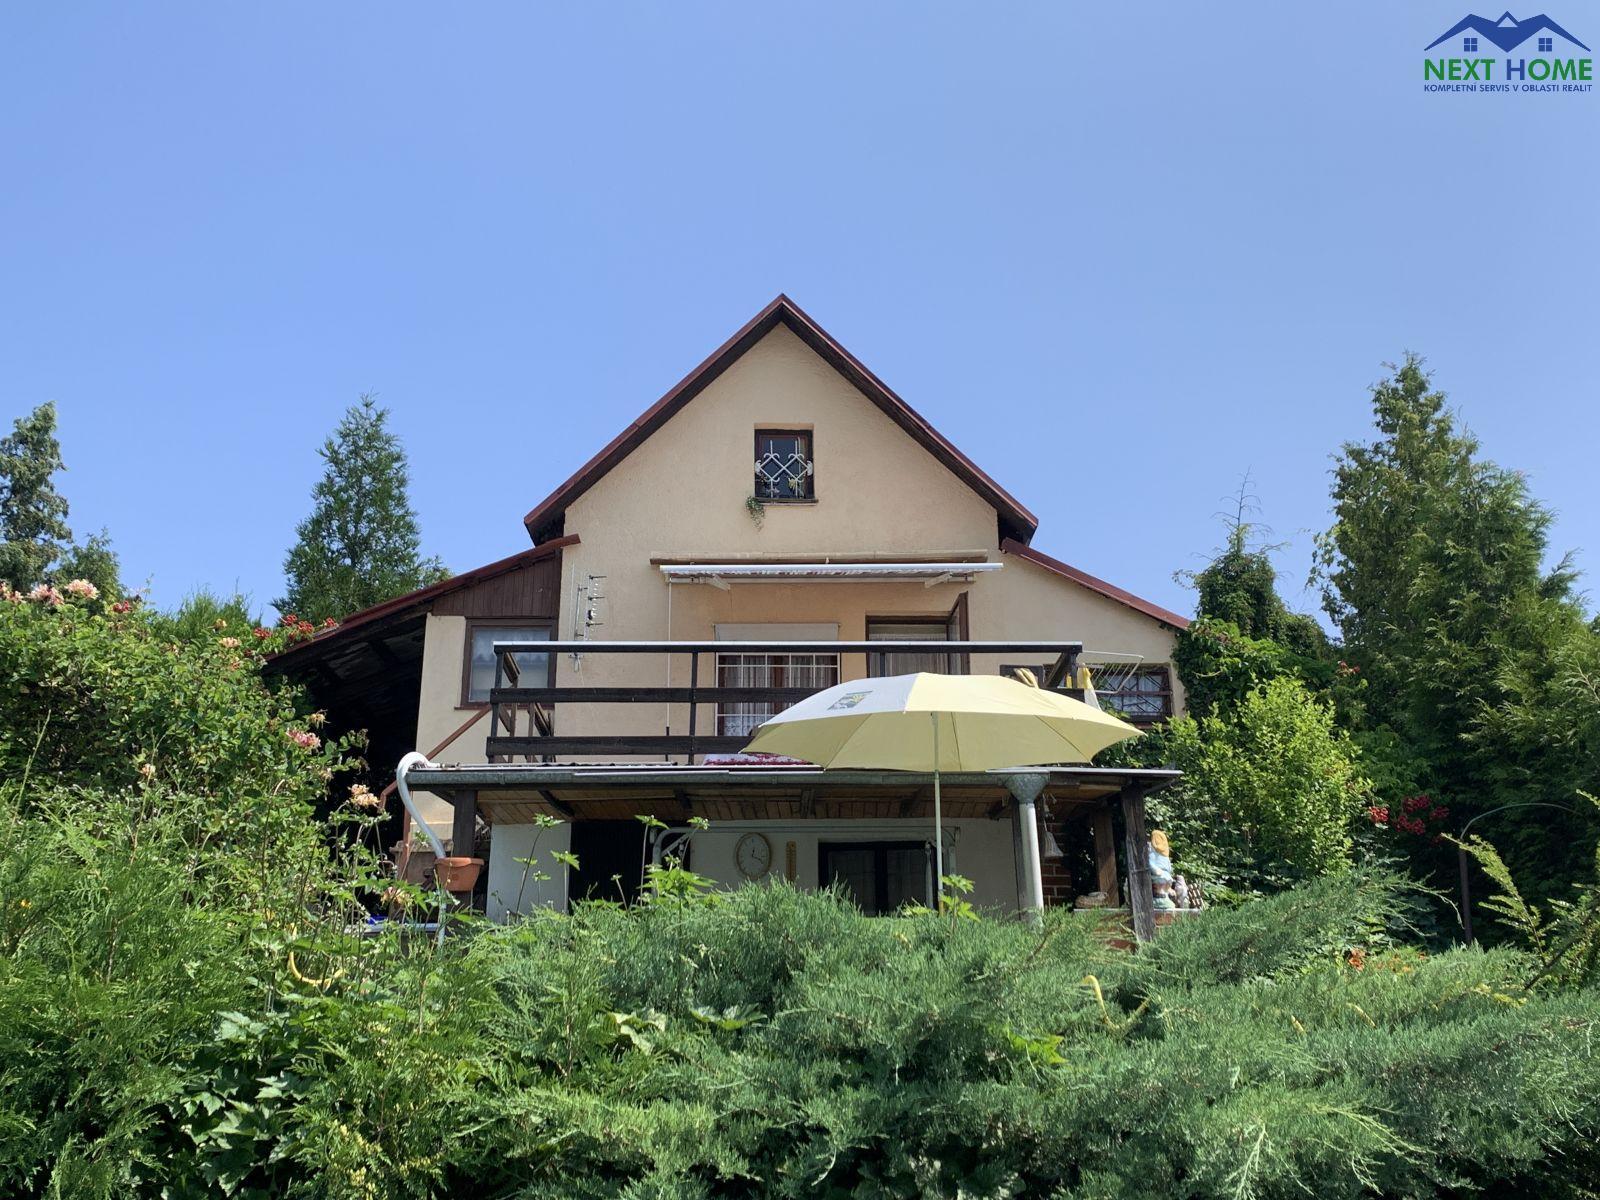 Prodej chalupa, zahrada, celková plocha 668 m2, Žitenice okr. Litoměřice.